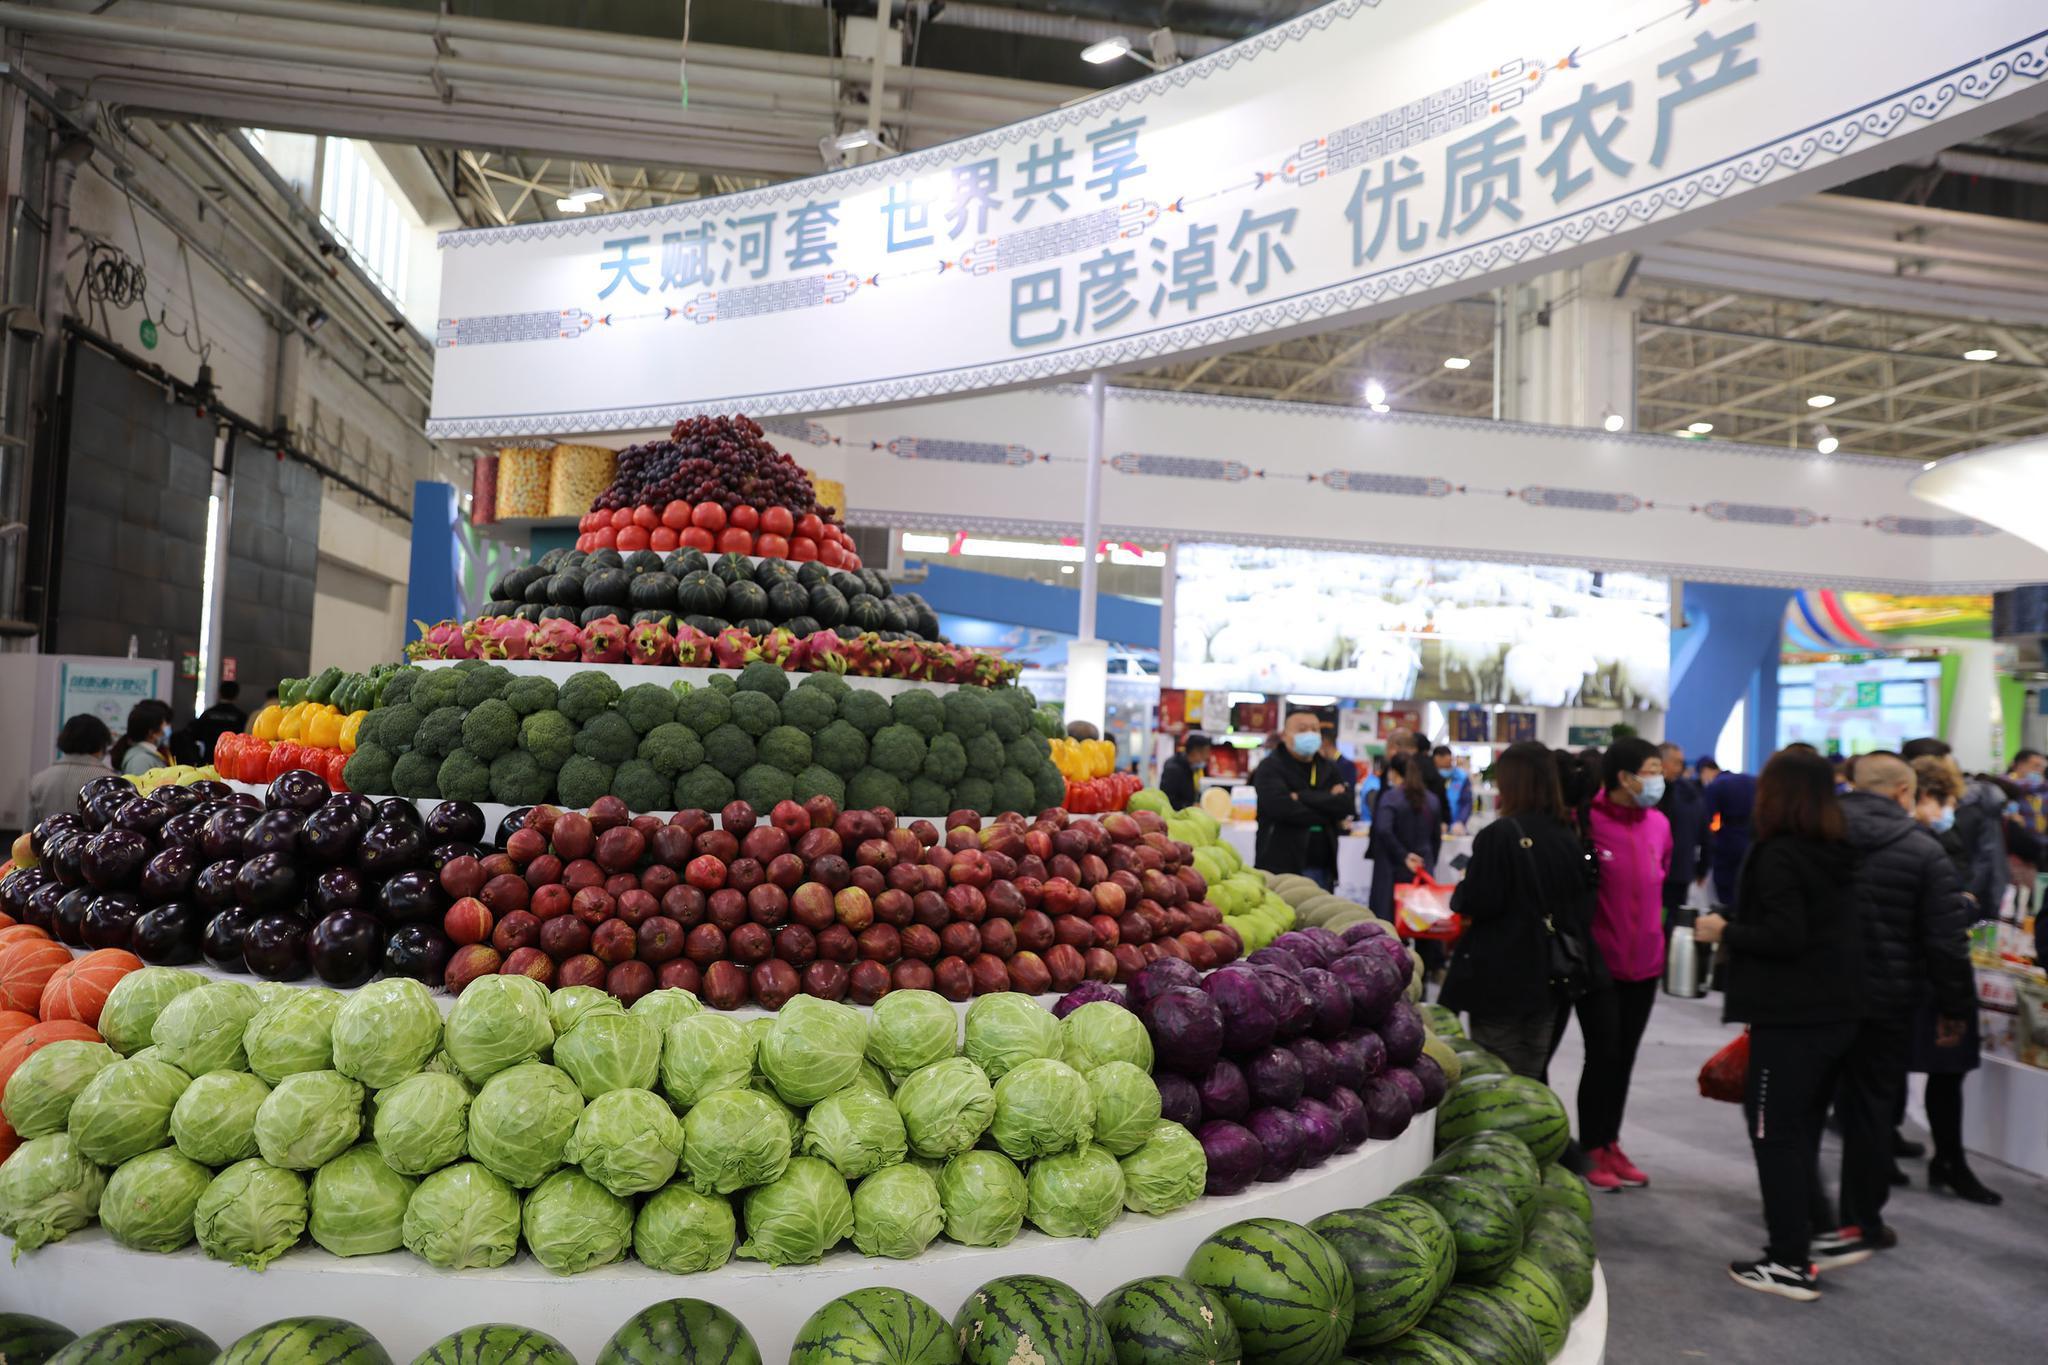 内蒙古绿色博览会搭建了一个优秀的农牧业品种展示平台